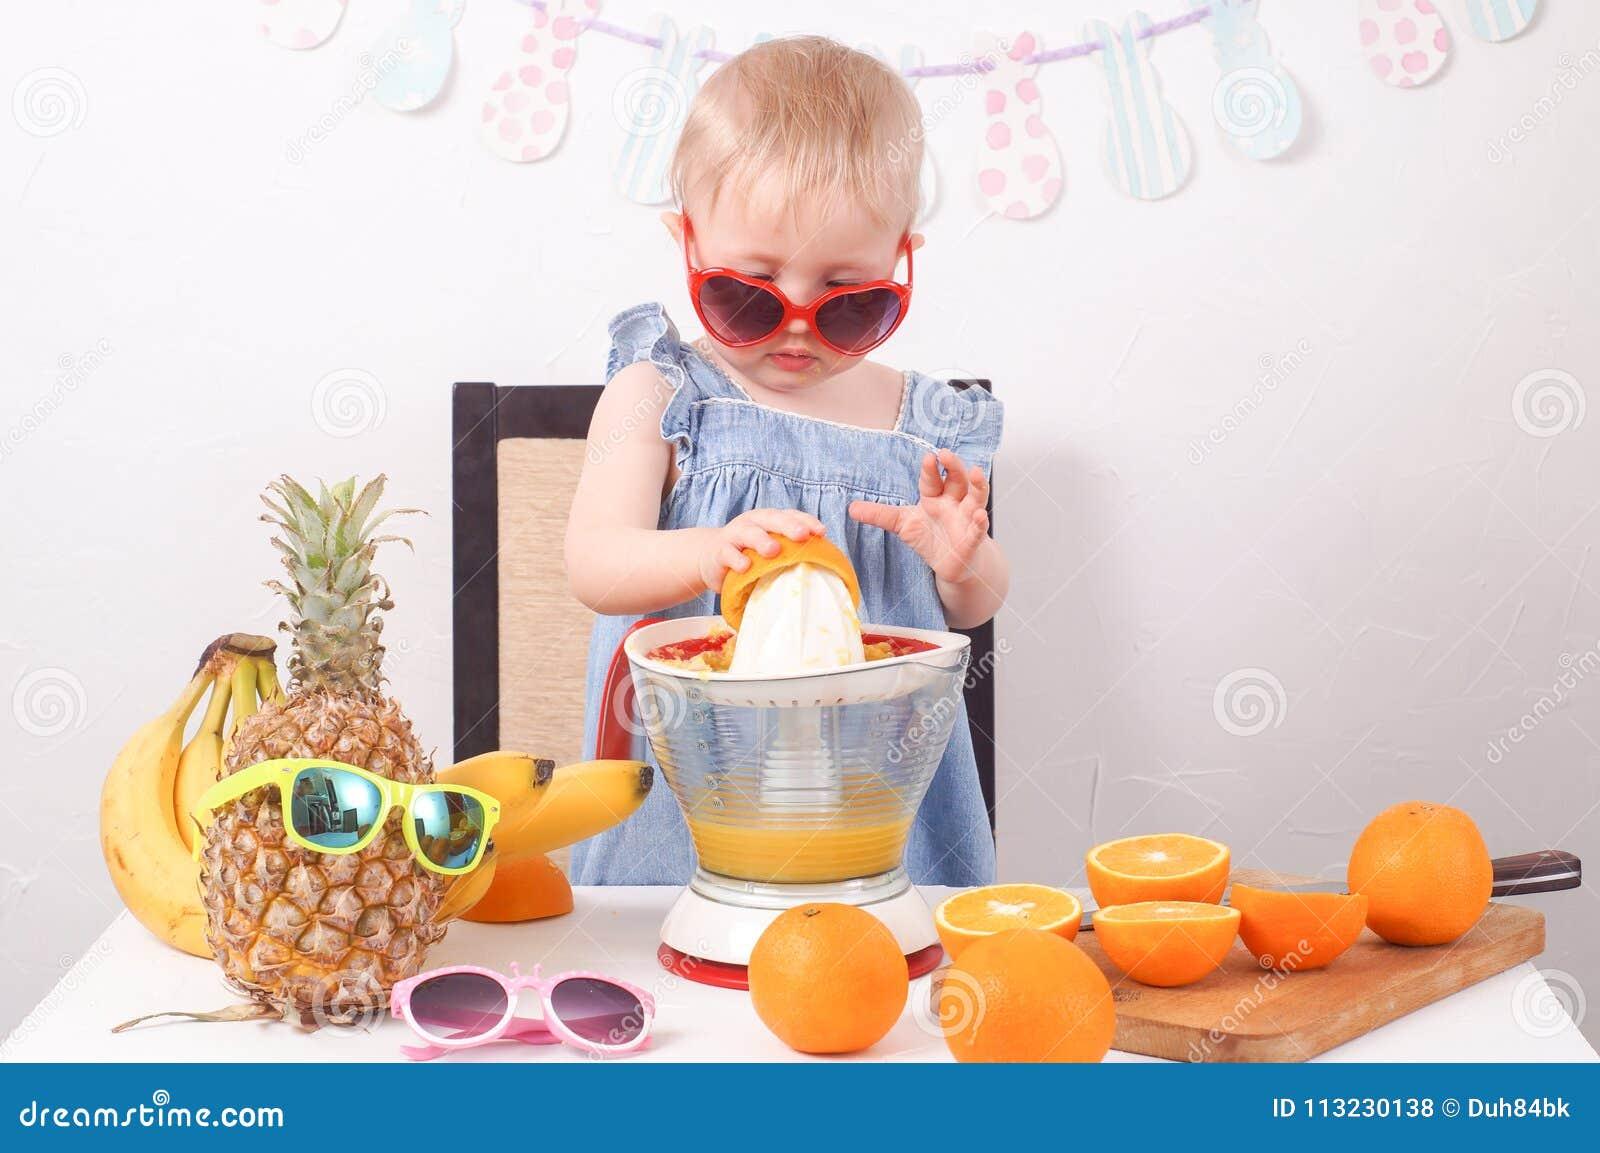 Υγιή τρόφιμα: Ένα μικρό κορίτσι κάνει το φρέσκο χυμό από πορτοκάλι